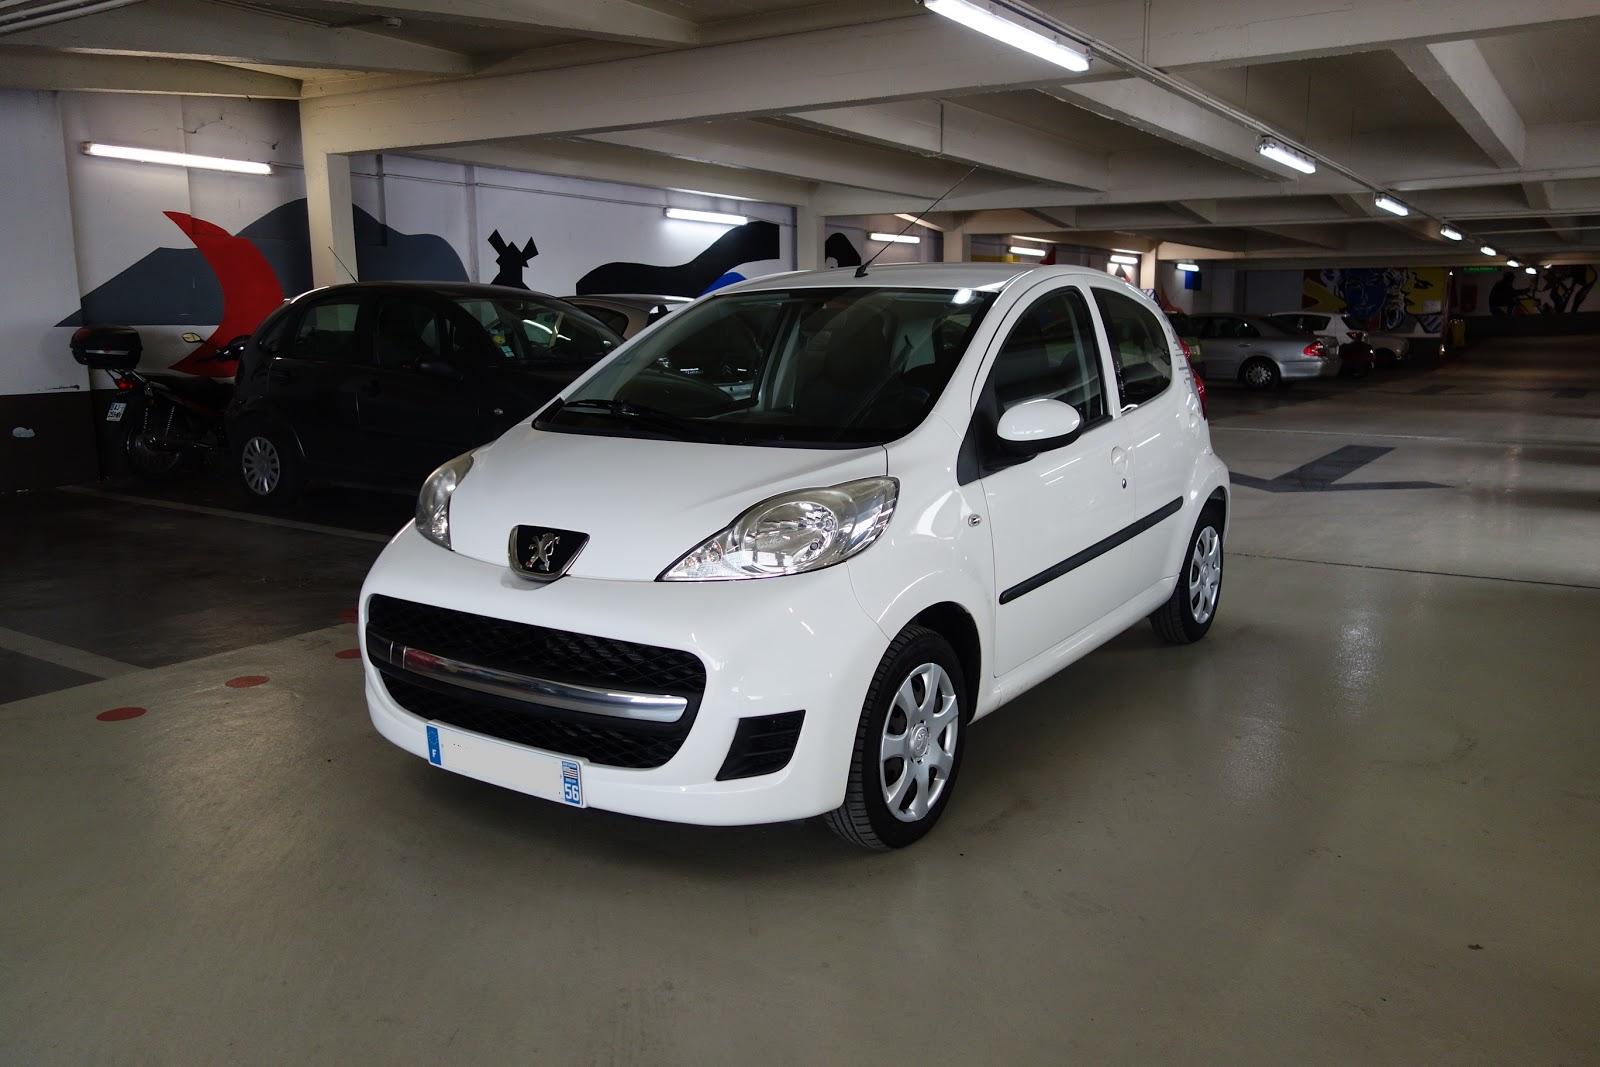 Autocoach d p t vente automobile paris peugeot 107 1 0 urban move 5 portes 2010 - Peugeot 107 blanche 5 portes ...